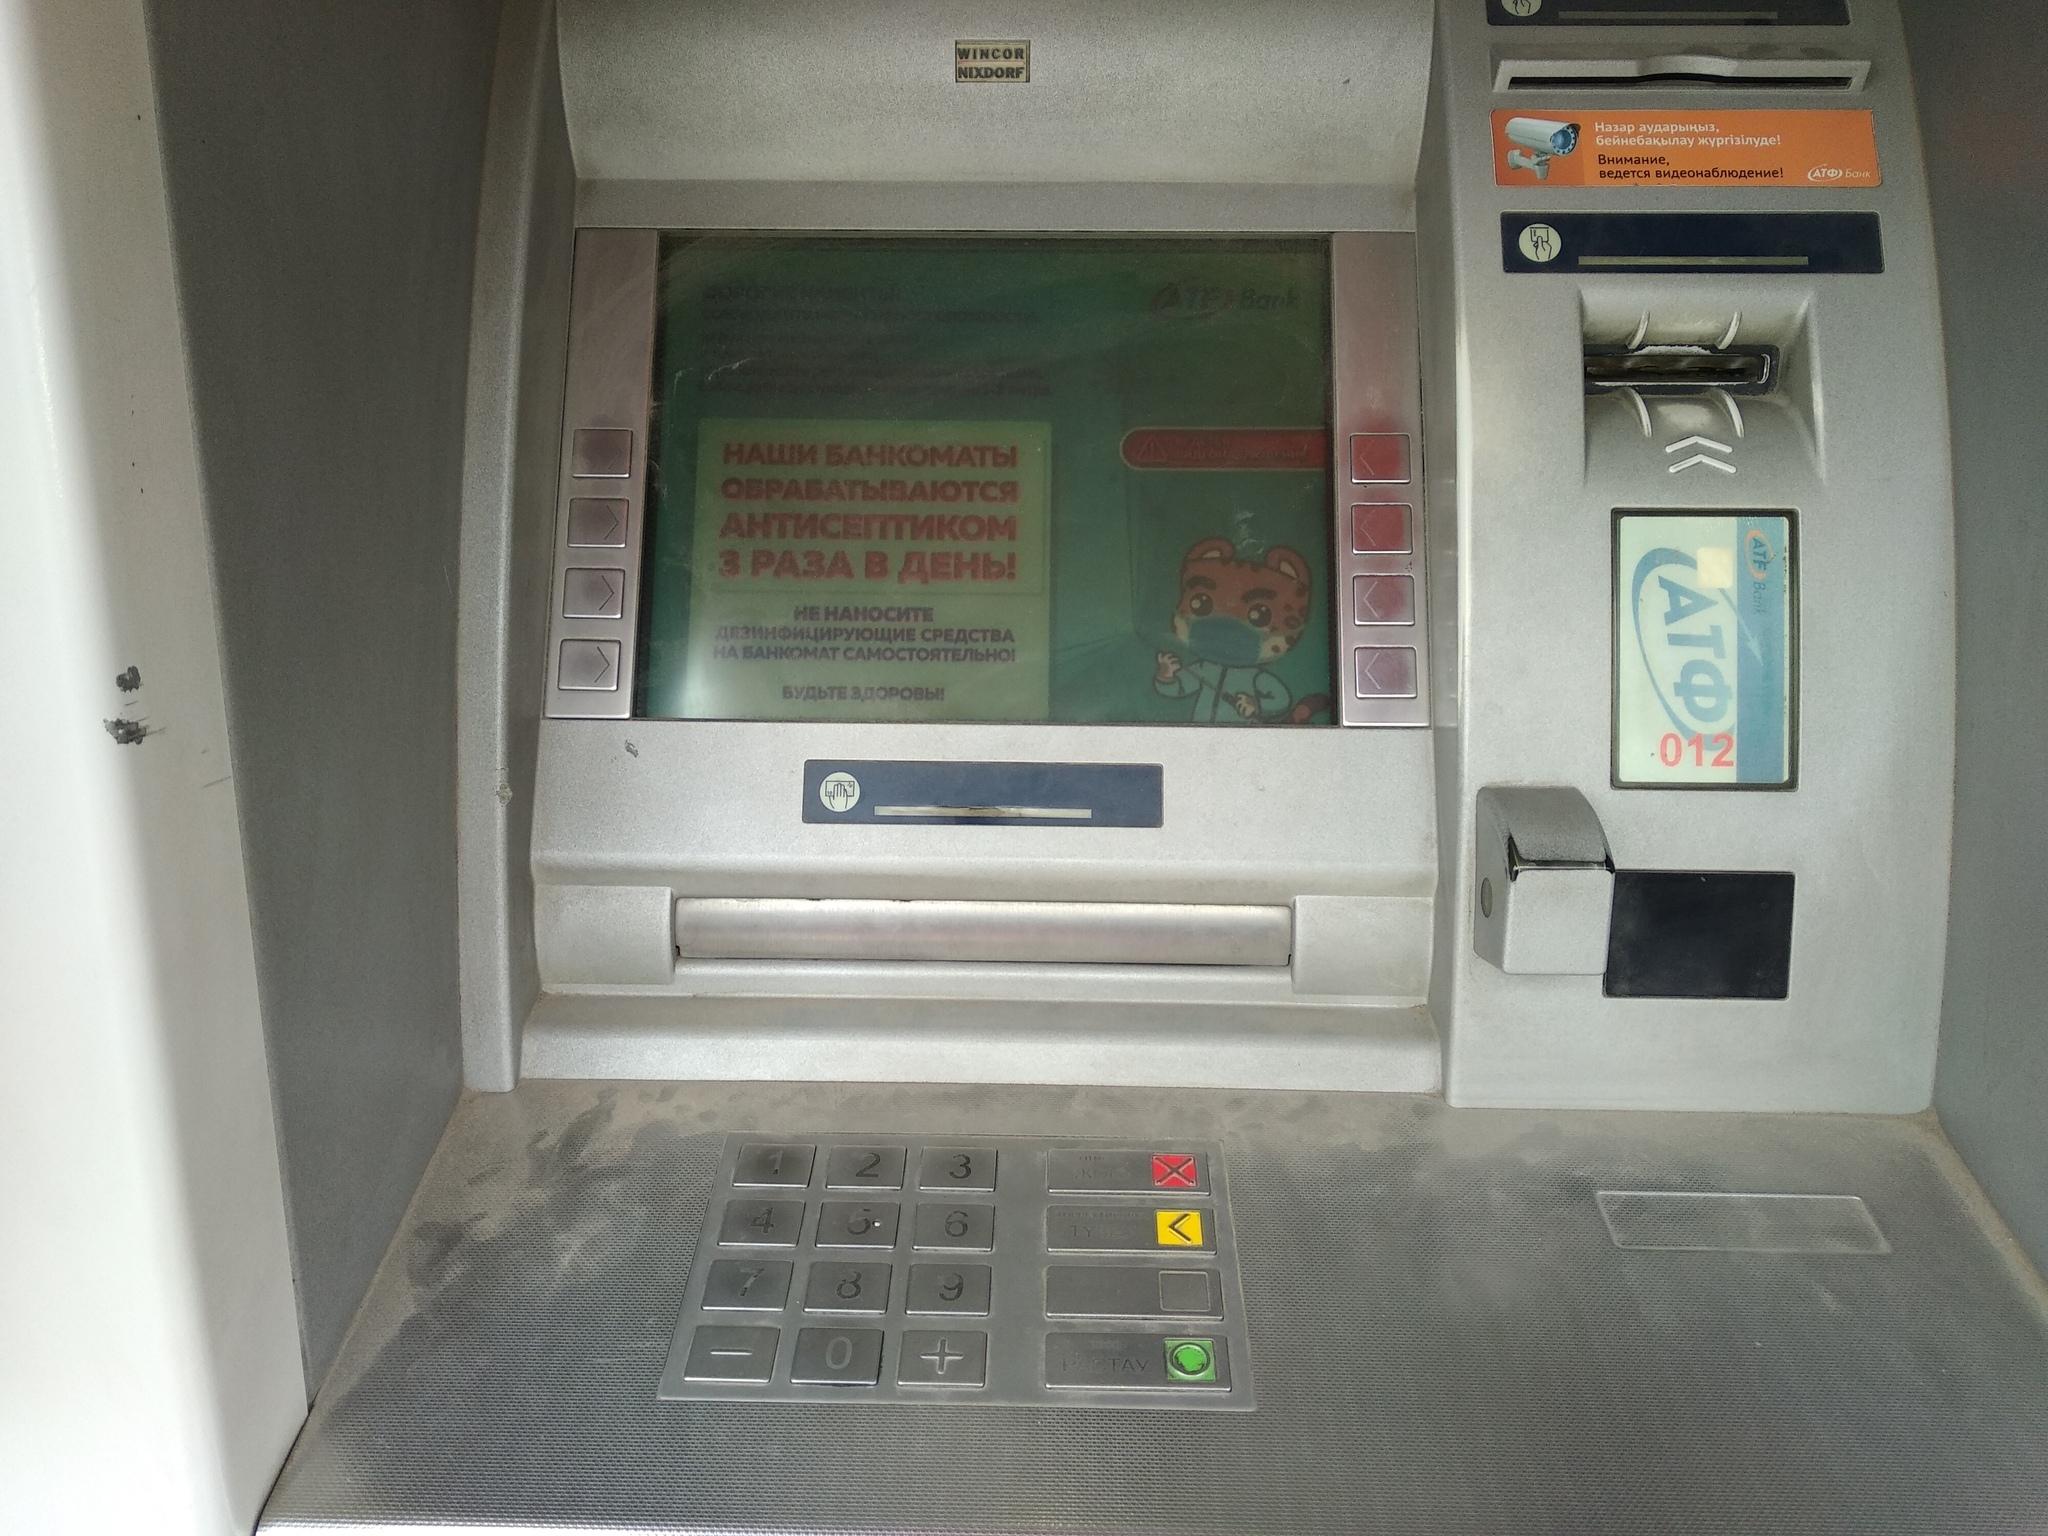 Наши банкоматы обрабатываются три раза в день...